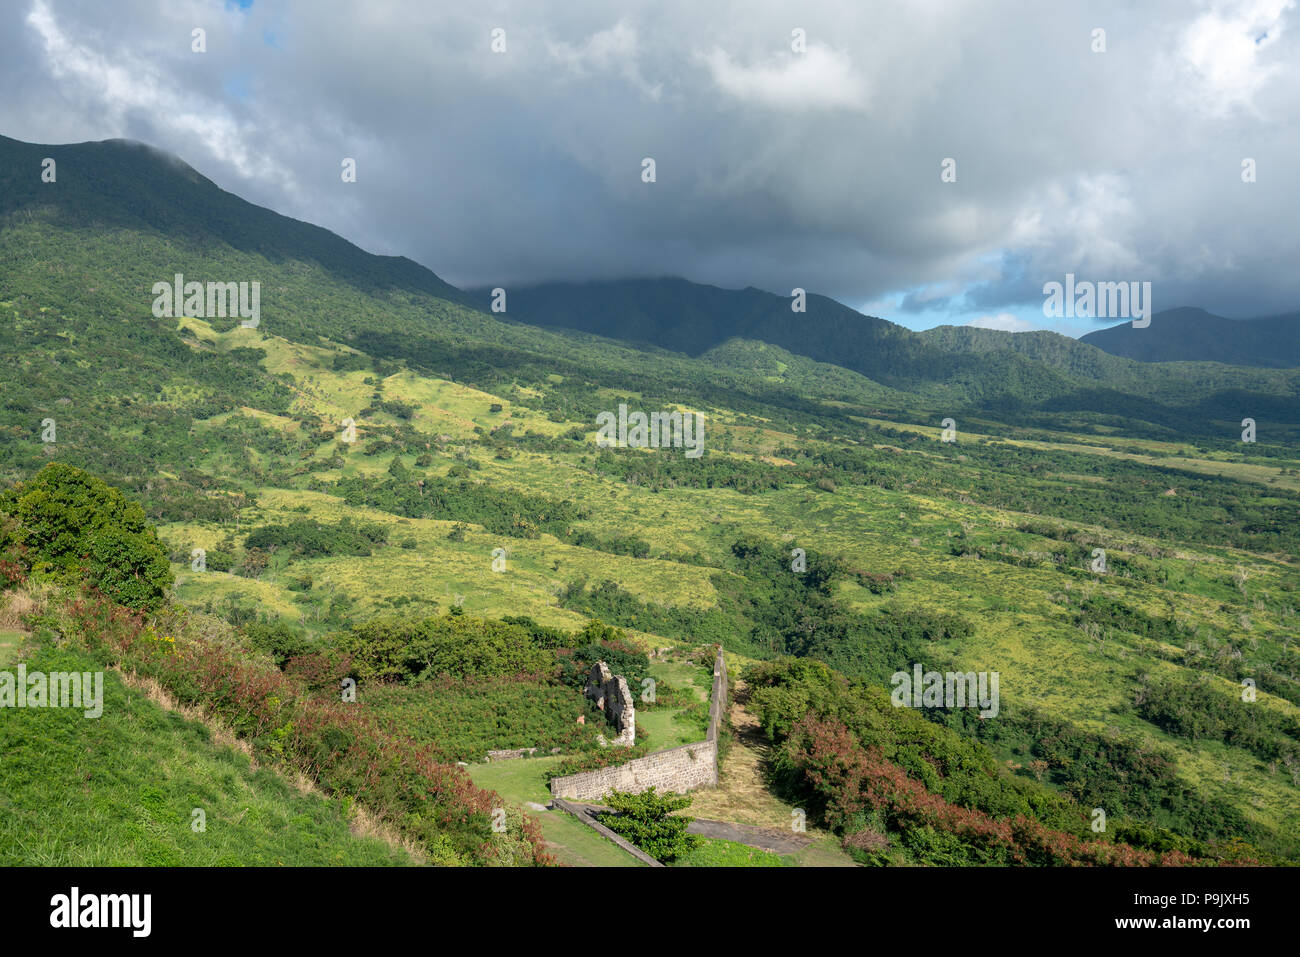 Parc National de la forteresse de Brimstone Hill. Banque D'Images